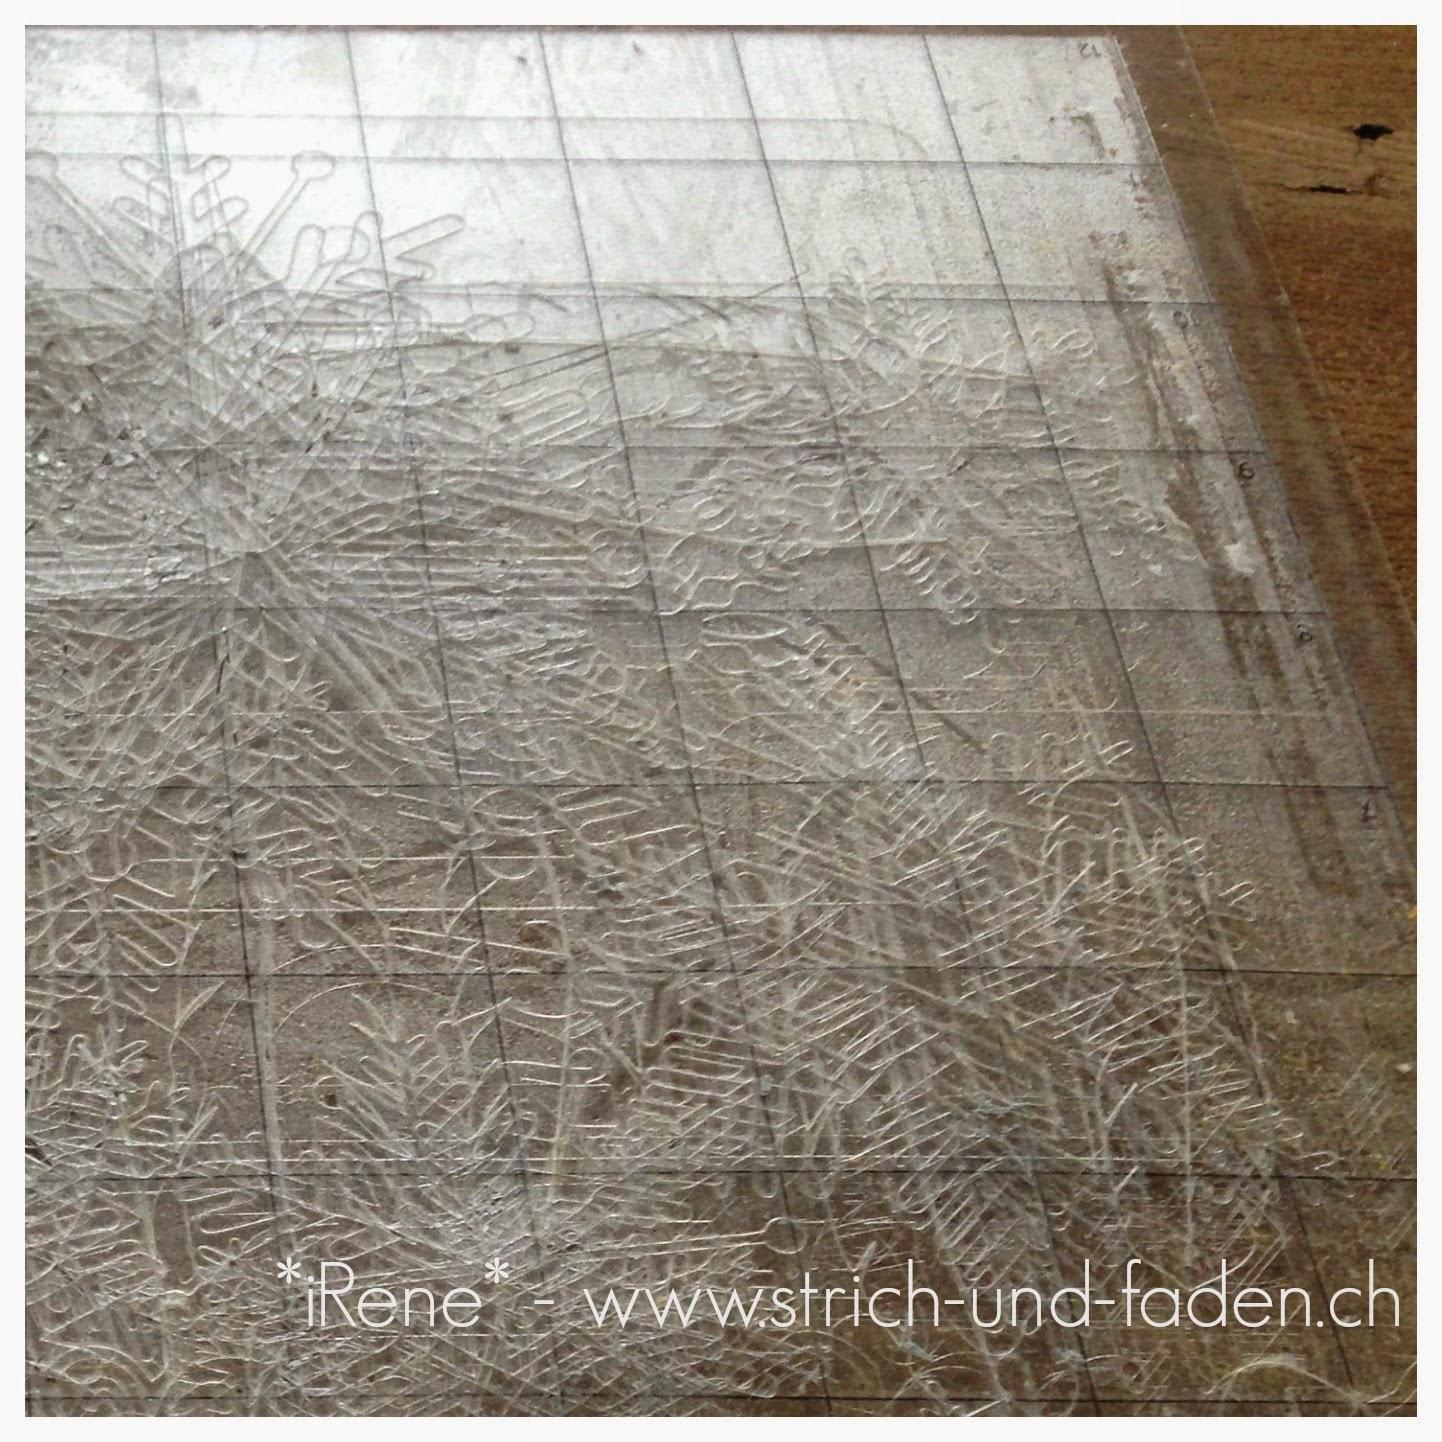 Netz Selber Machen mit strich und faden cameo schneidematte selbermachen diy